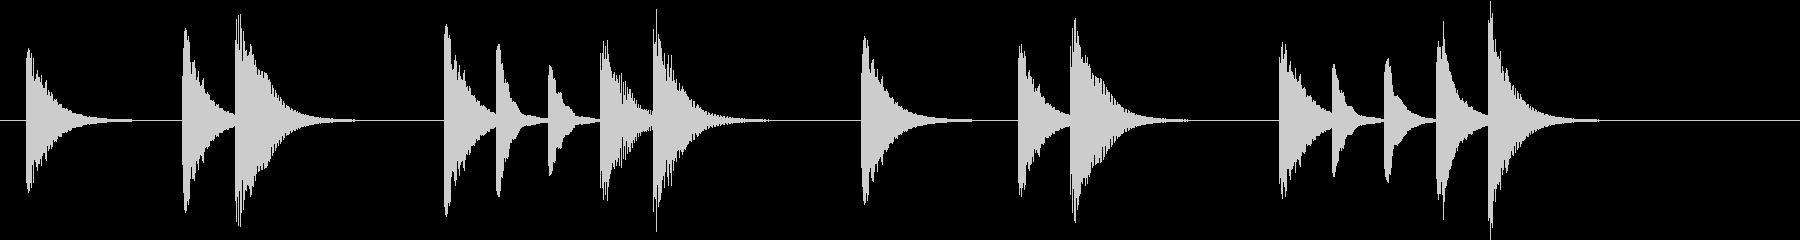 アニメ系ジングル_ピクニックの未再生の波形